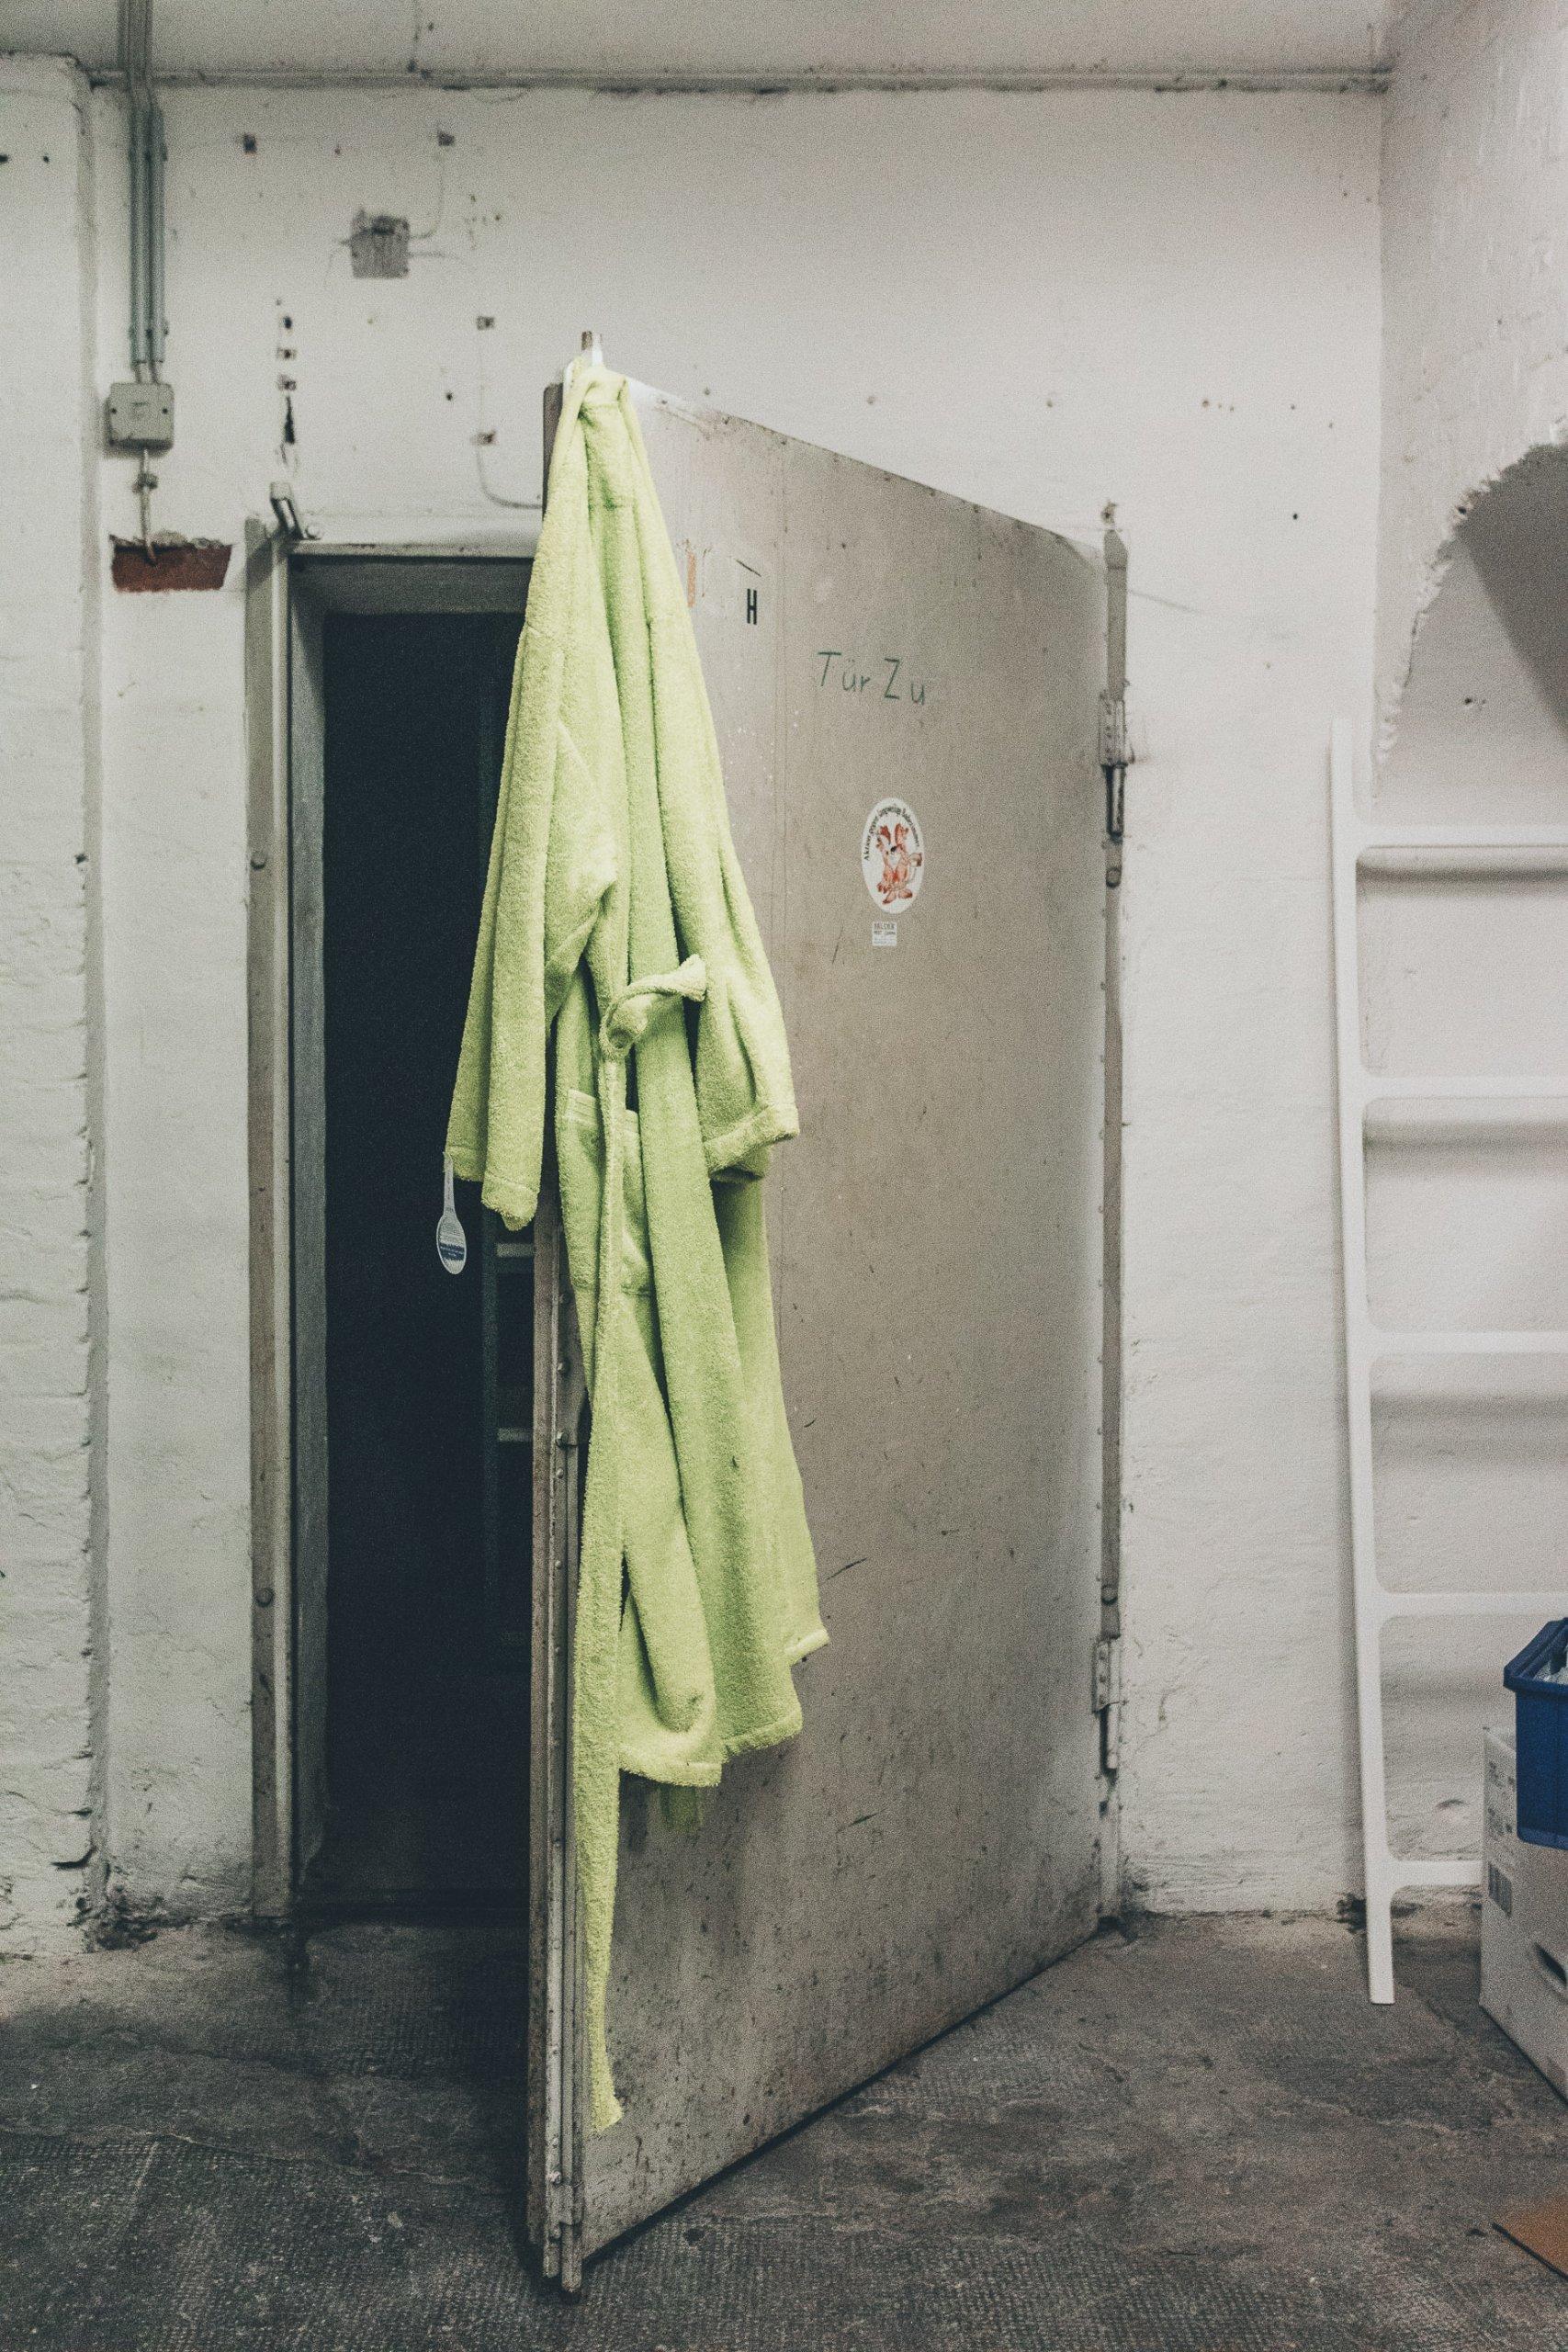 Die verlassene Sanitärausstellung